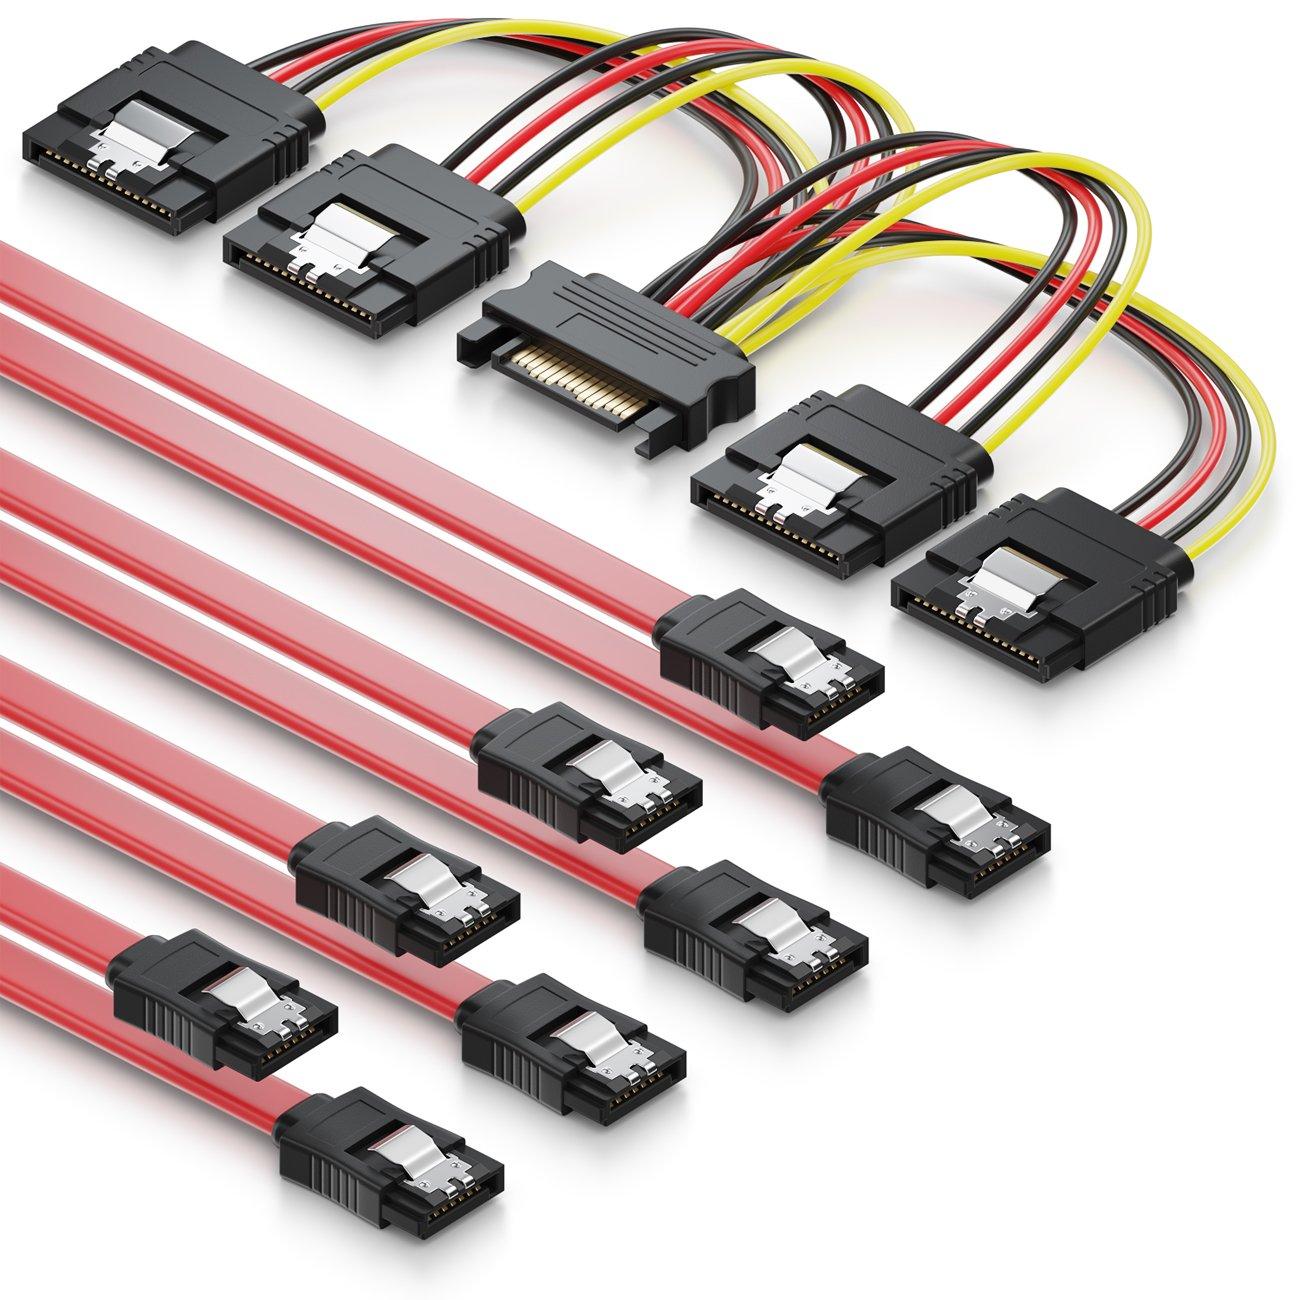 deleyCON MK2945 Lot de c/âbles SATA 2X C/âbles SATA III avec Prises Droites C/âble Adaptateur D/'Alimentation SSD HDD Disque Dur